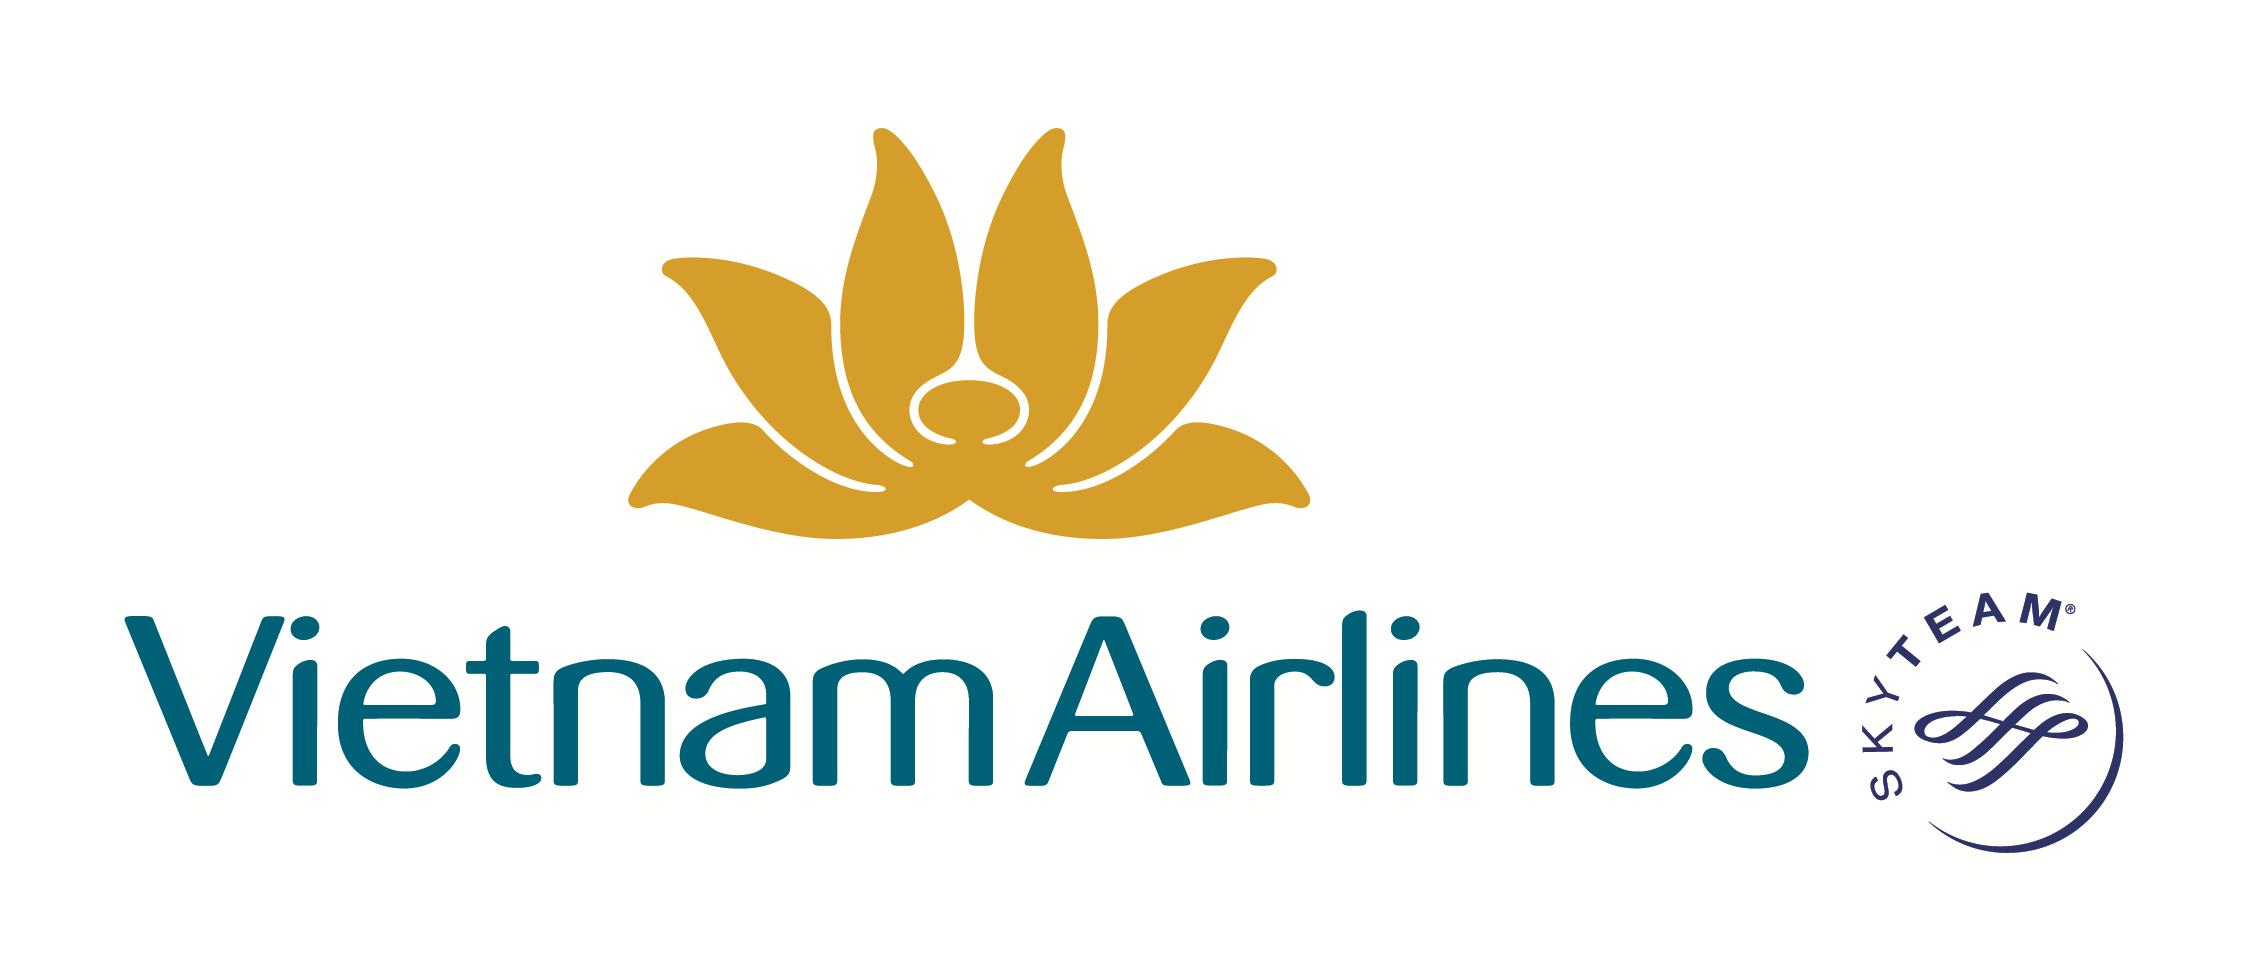 Vietnam Airlines Logo Vector PNG - 37100